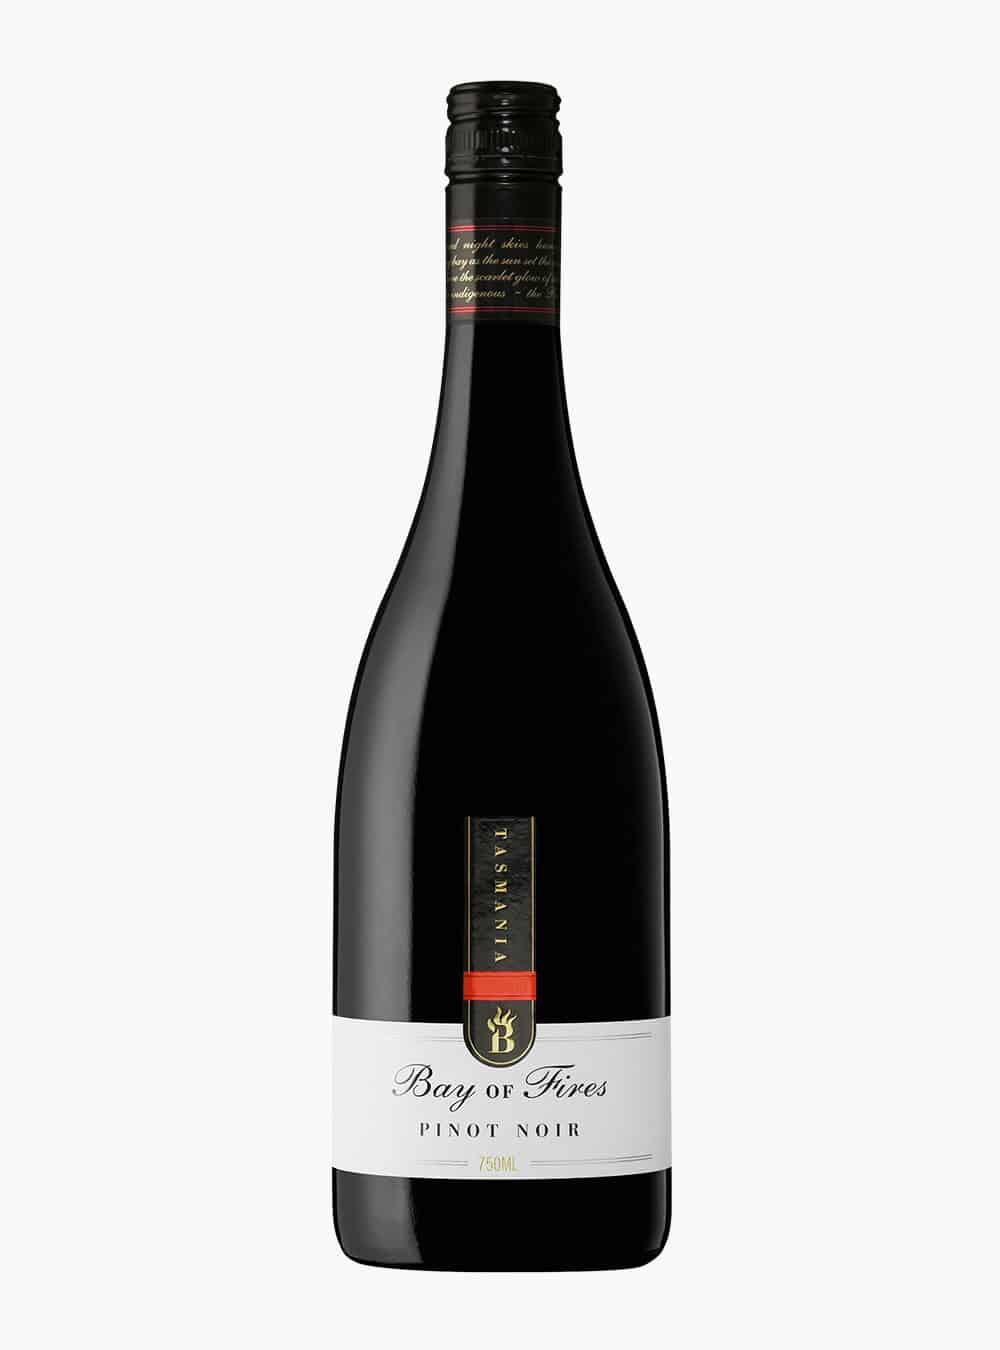 Bay of Fires Pinot Noir